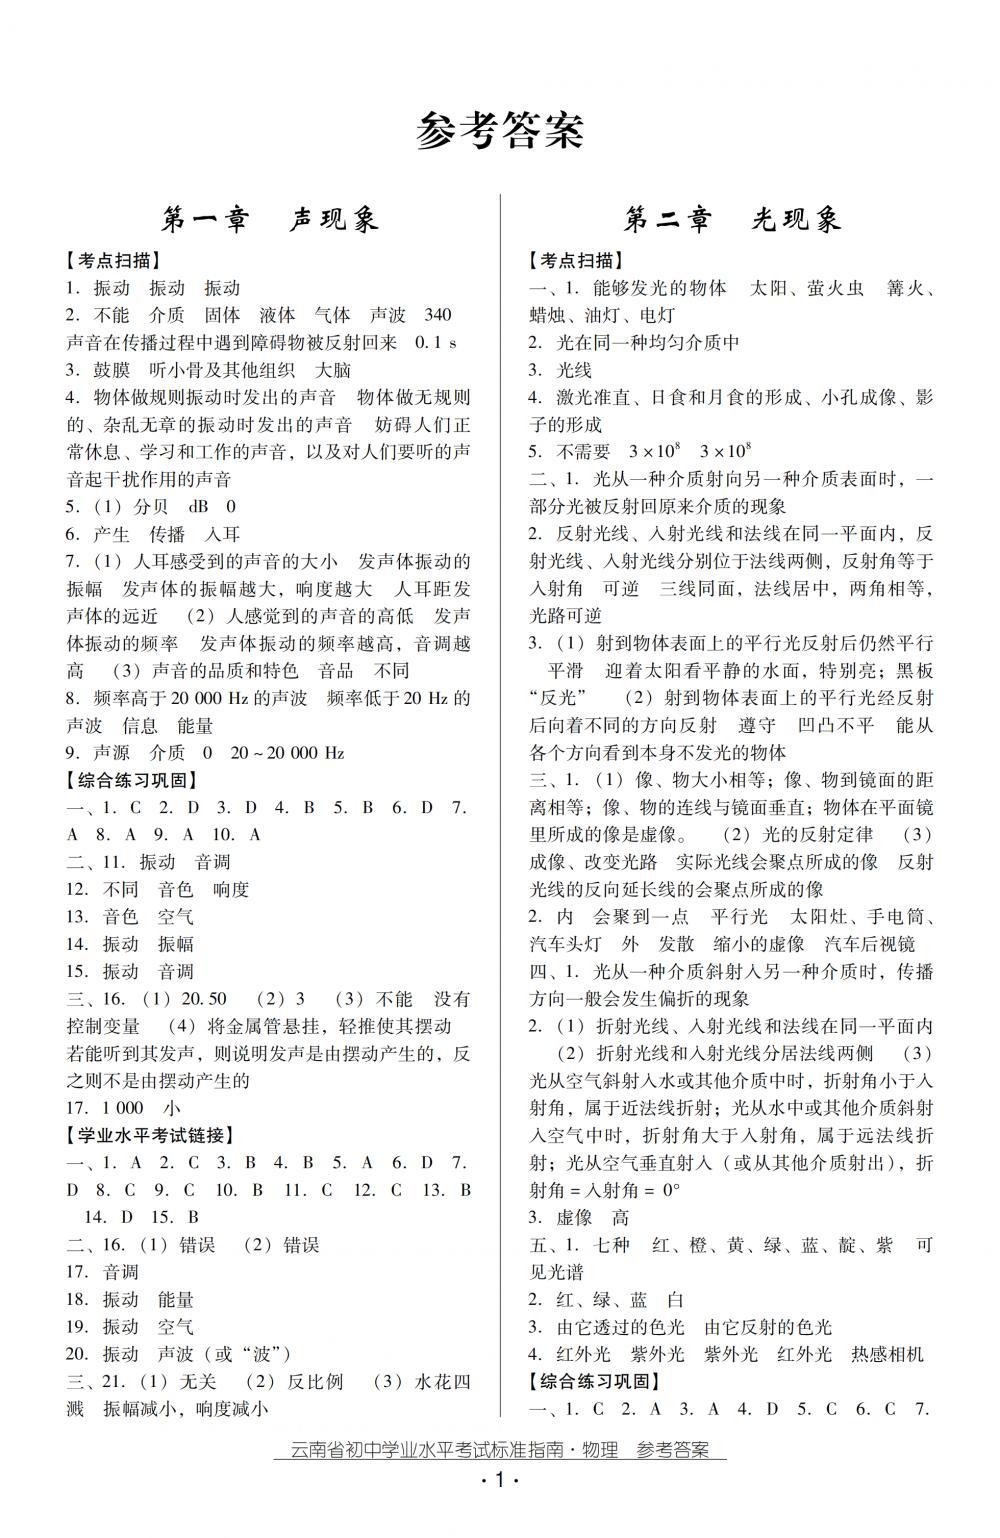 2018秋云南初中學業水平考試物理總復習第1頁學初中競賽圖片